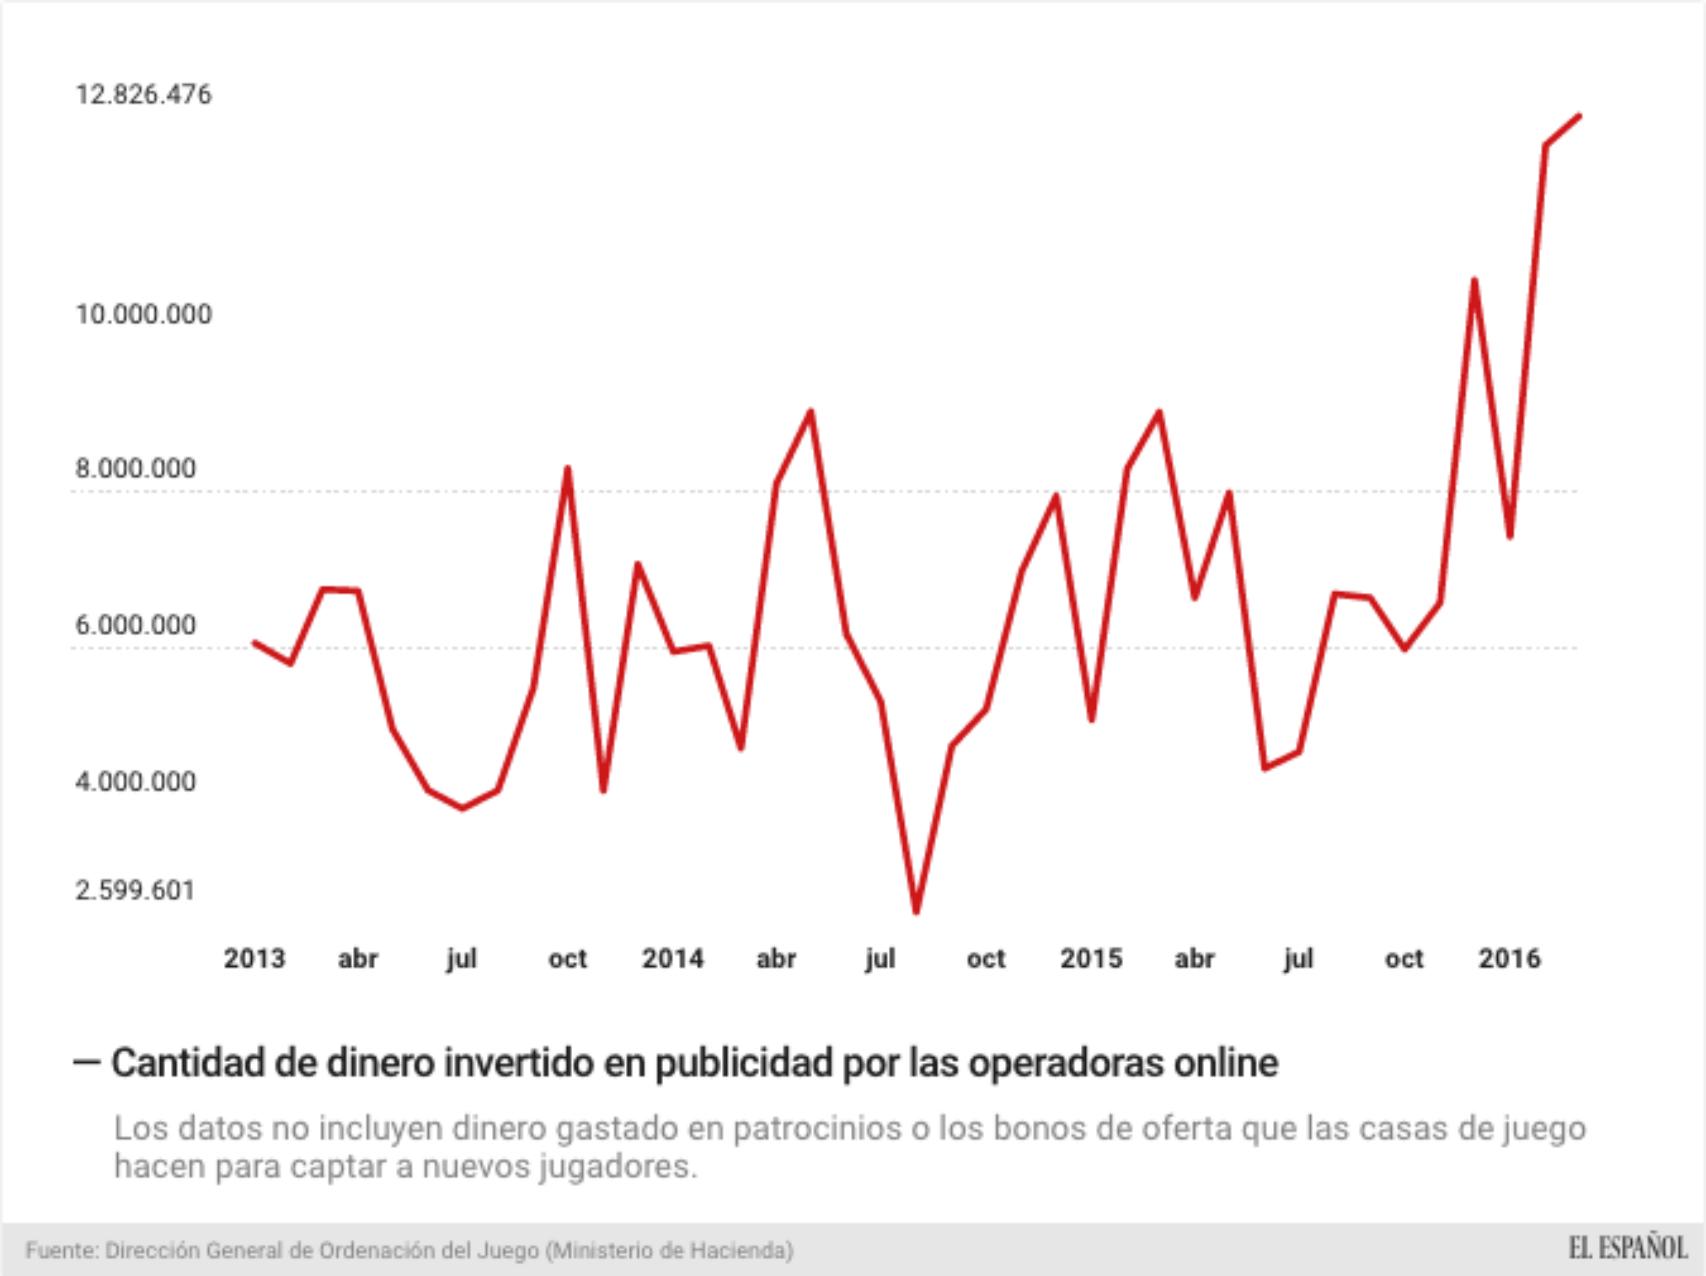 La inversión publicitaria alcanzó su récord el pasado marzo